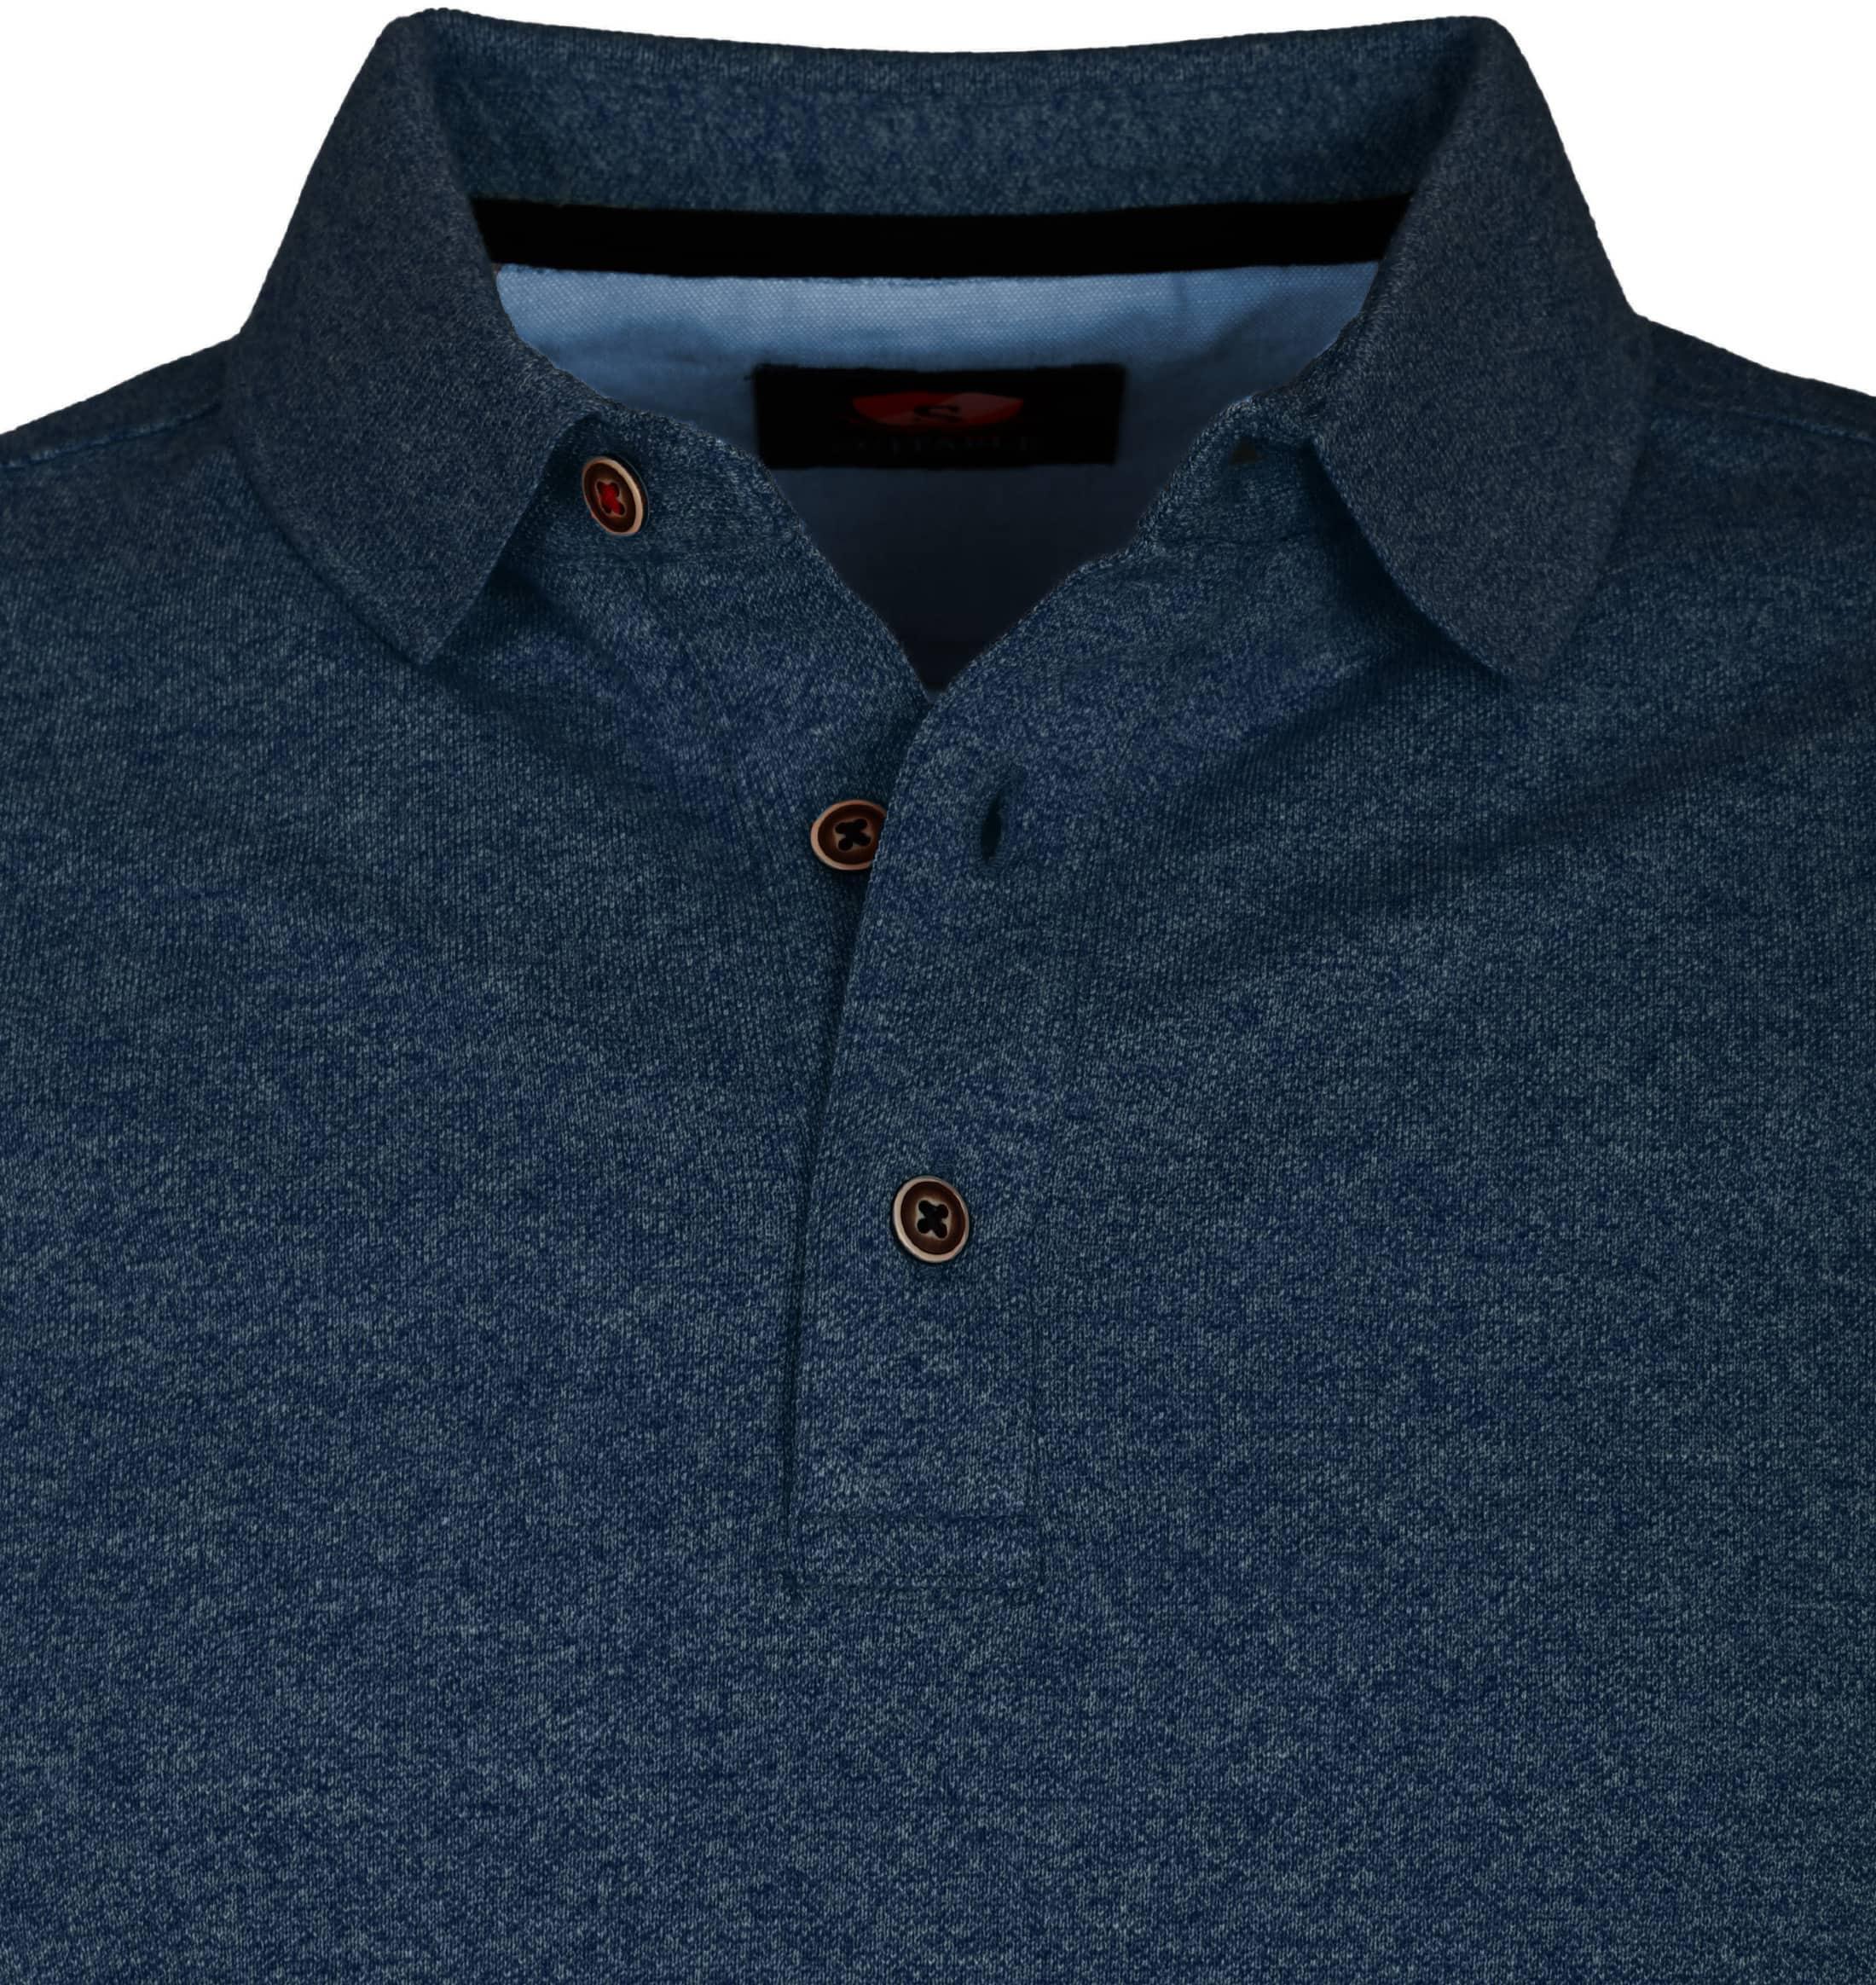 Suitable Poloshirt Jaspe Dunkelblau foto 1